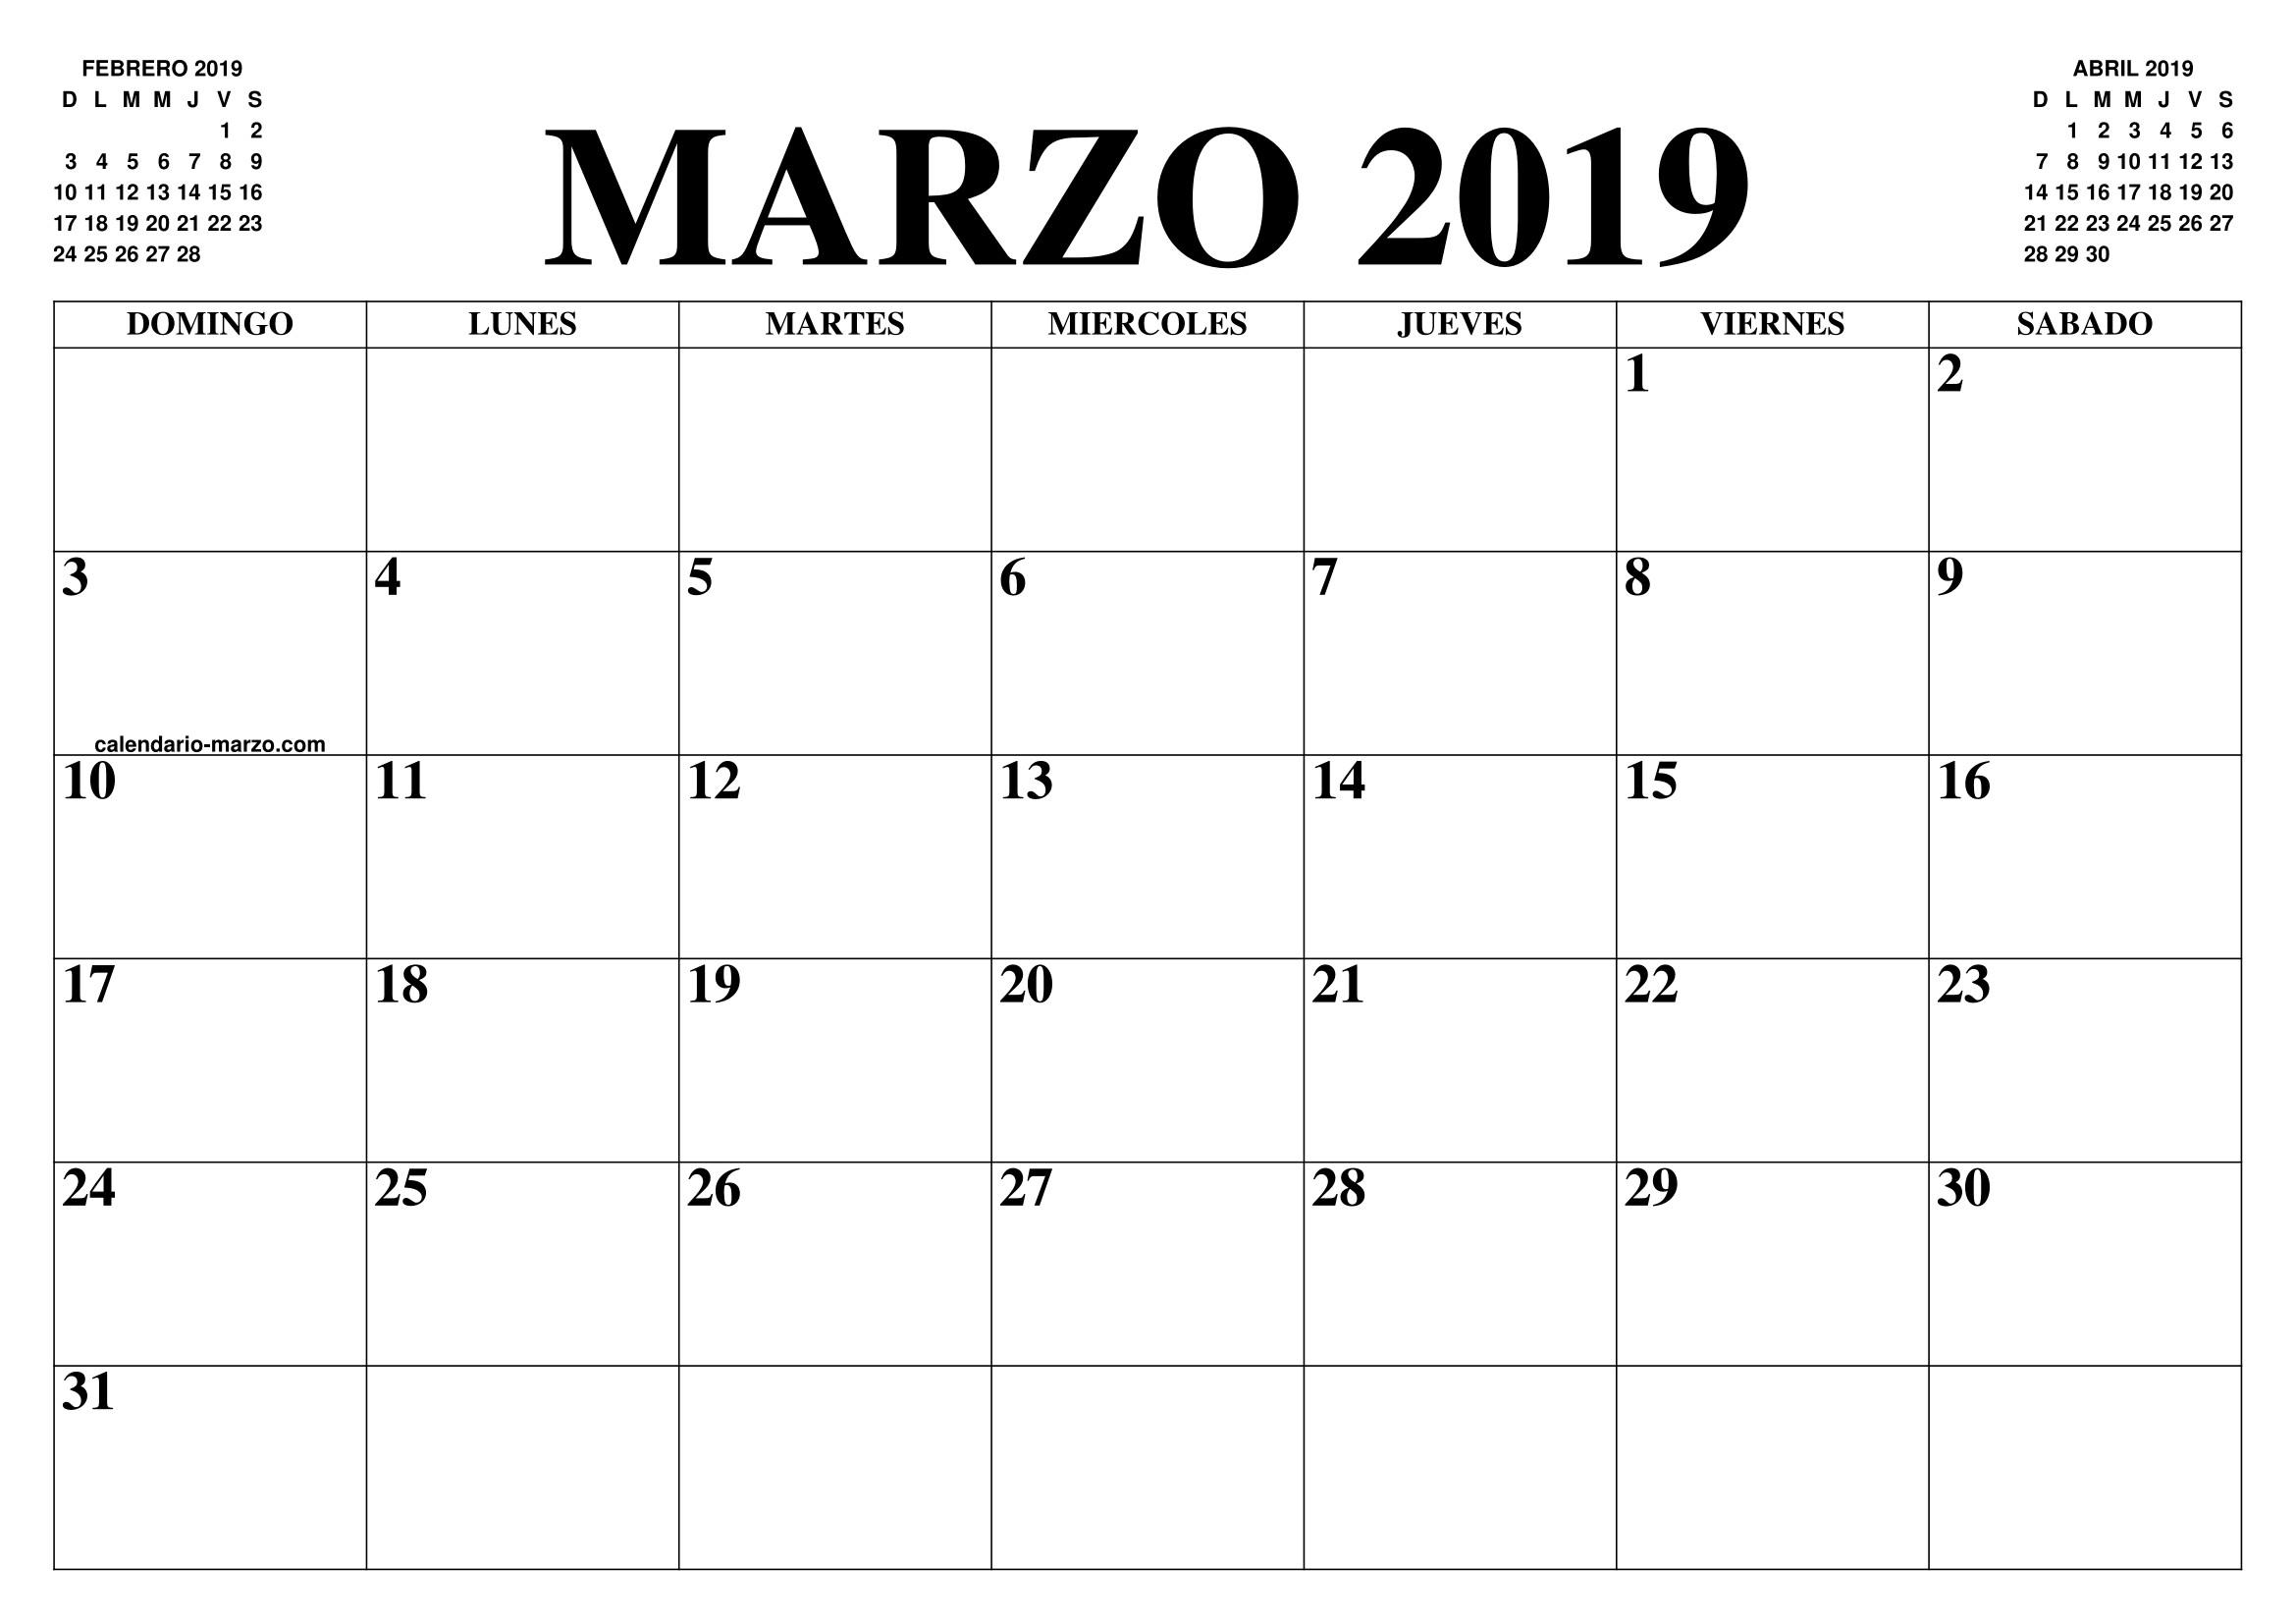 Imprimir Calendario 2019 Con Foto Más Reciente Abril 2019 15 21 22 30 orchid